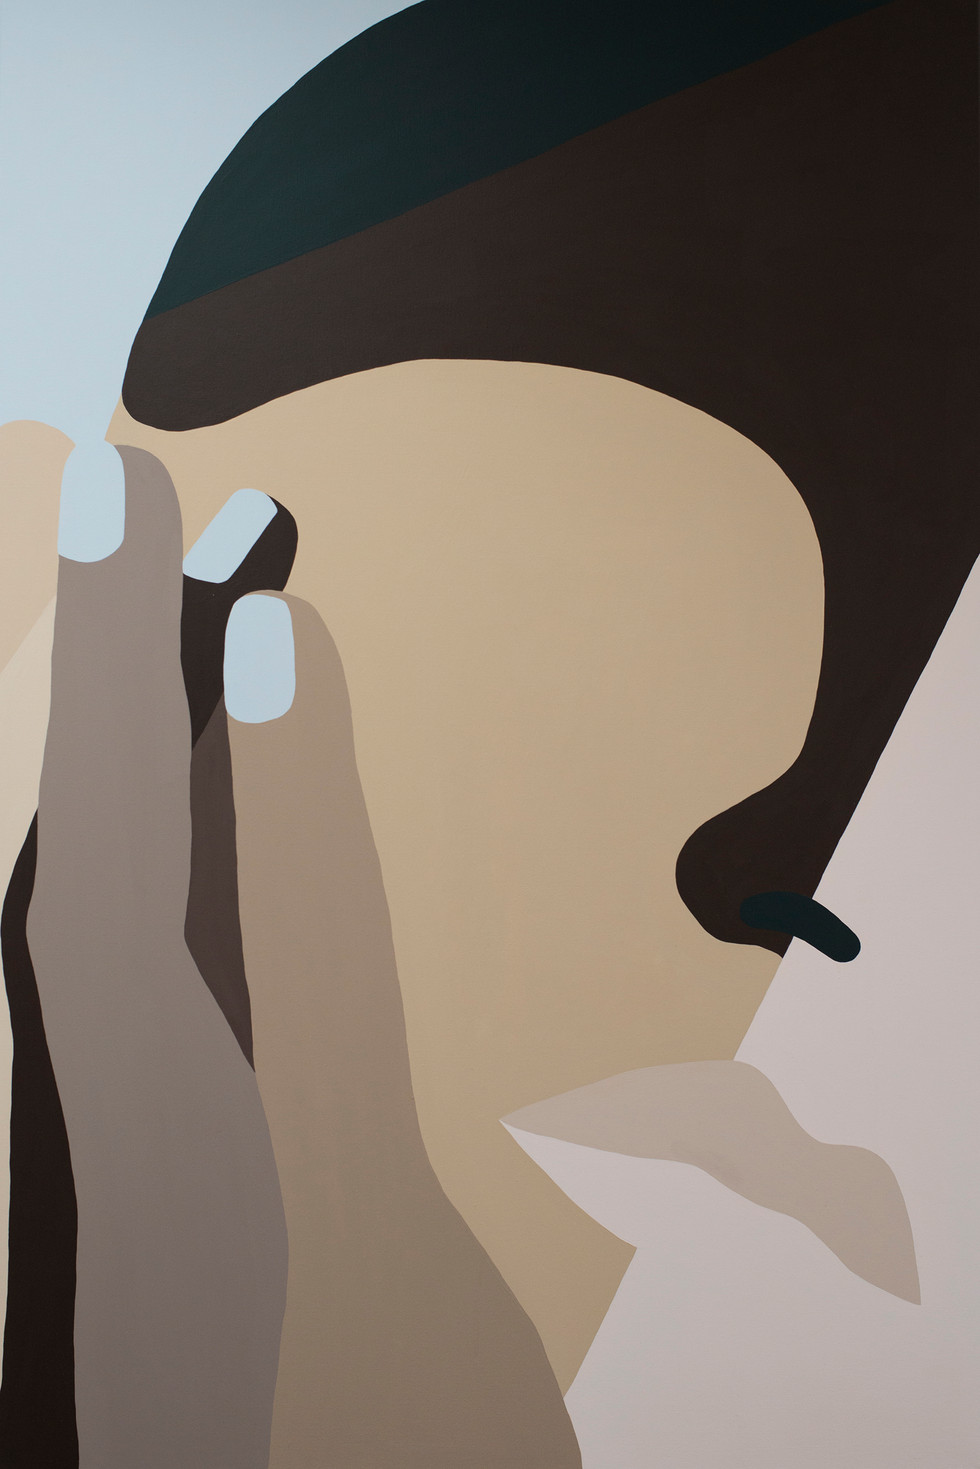 Réflexion, 2020 acrylic on canvas 80 x 120 cm